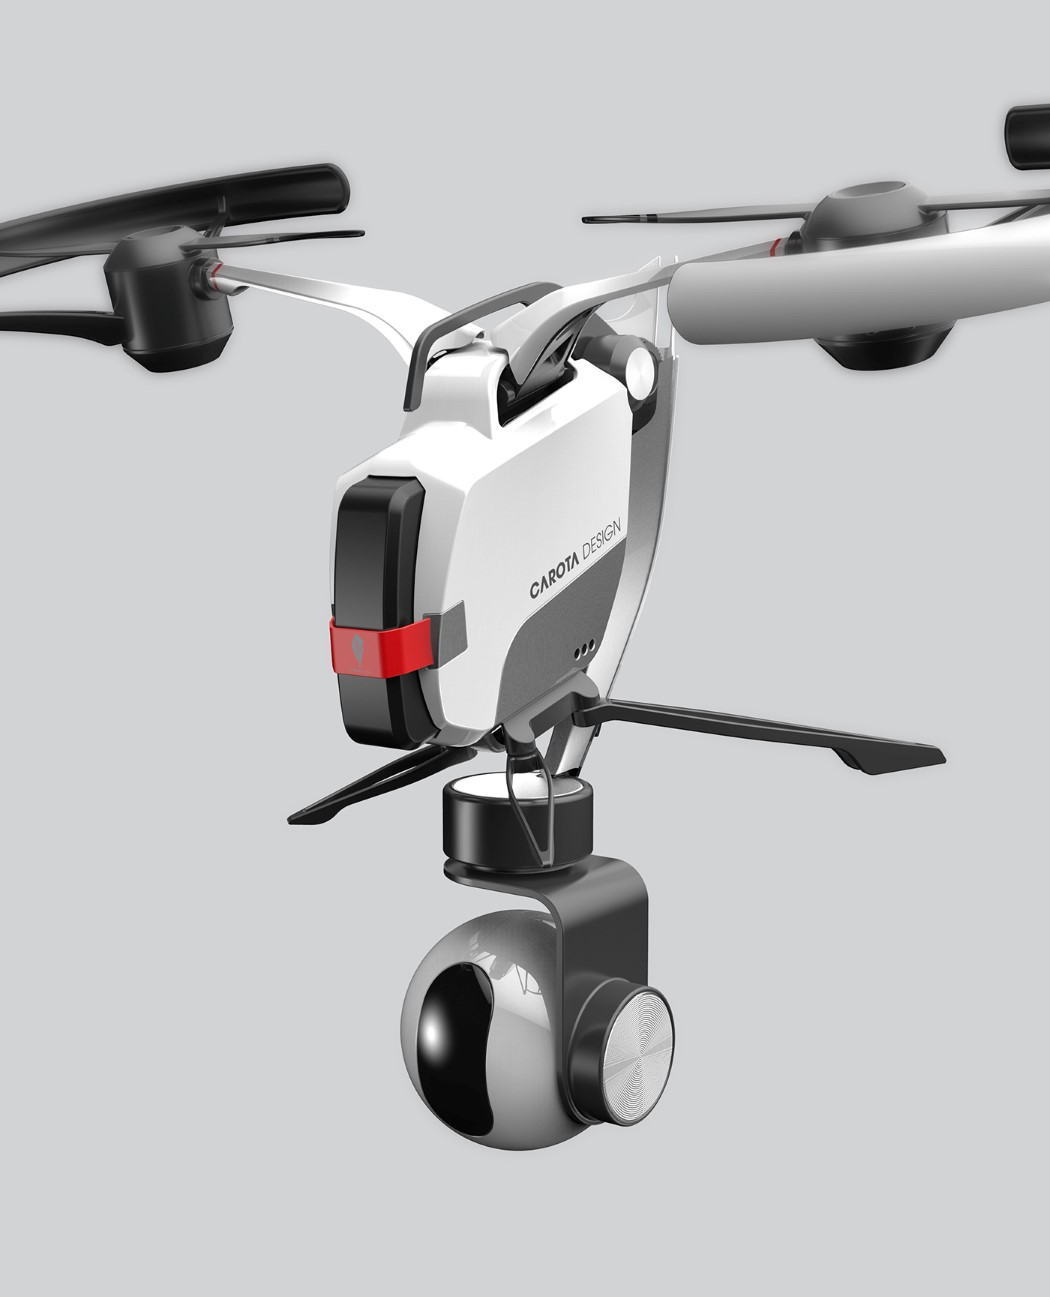 giant_hornet_drone_7